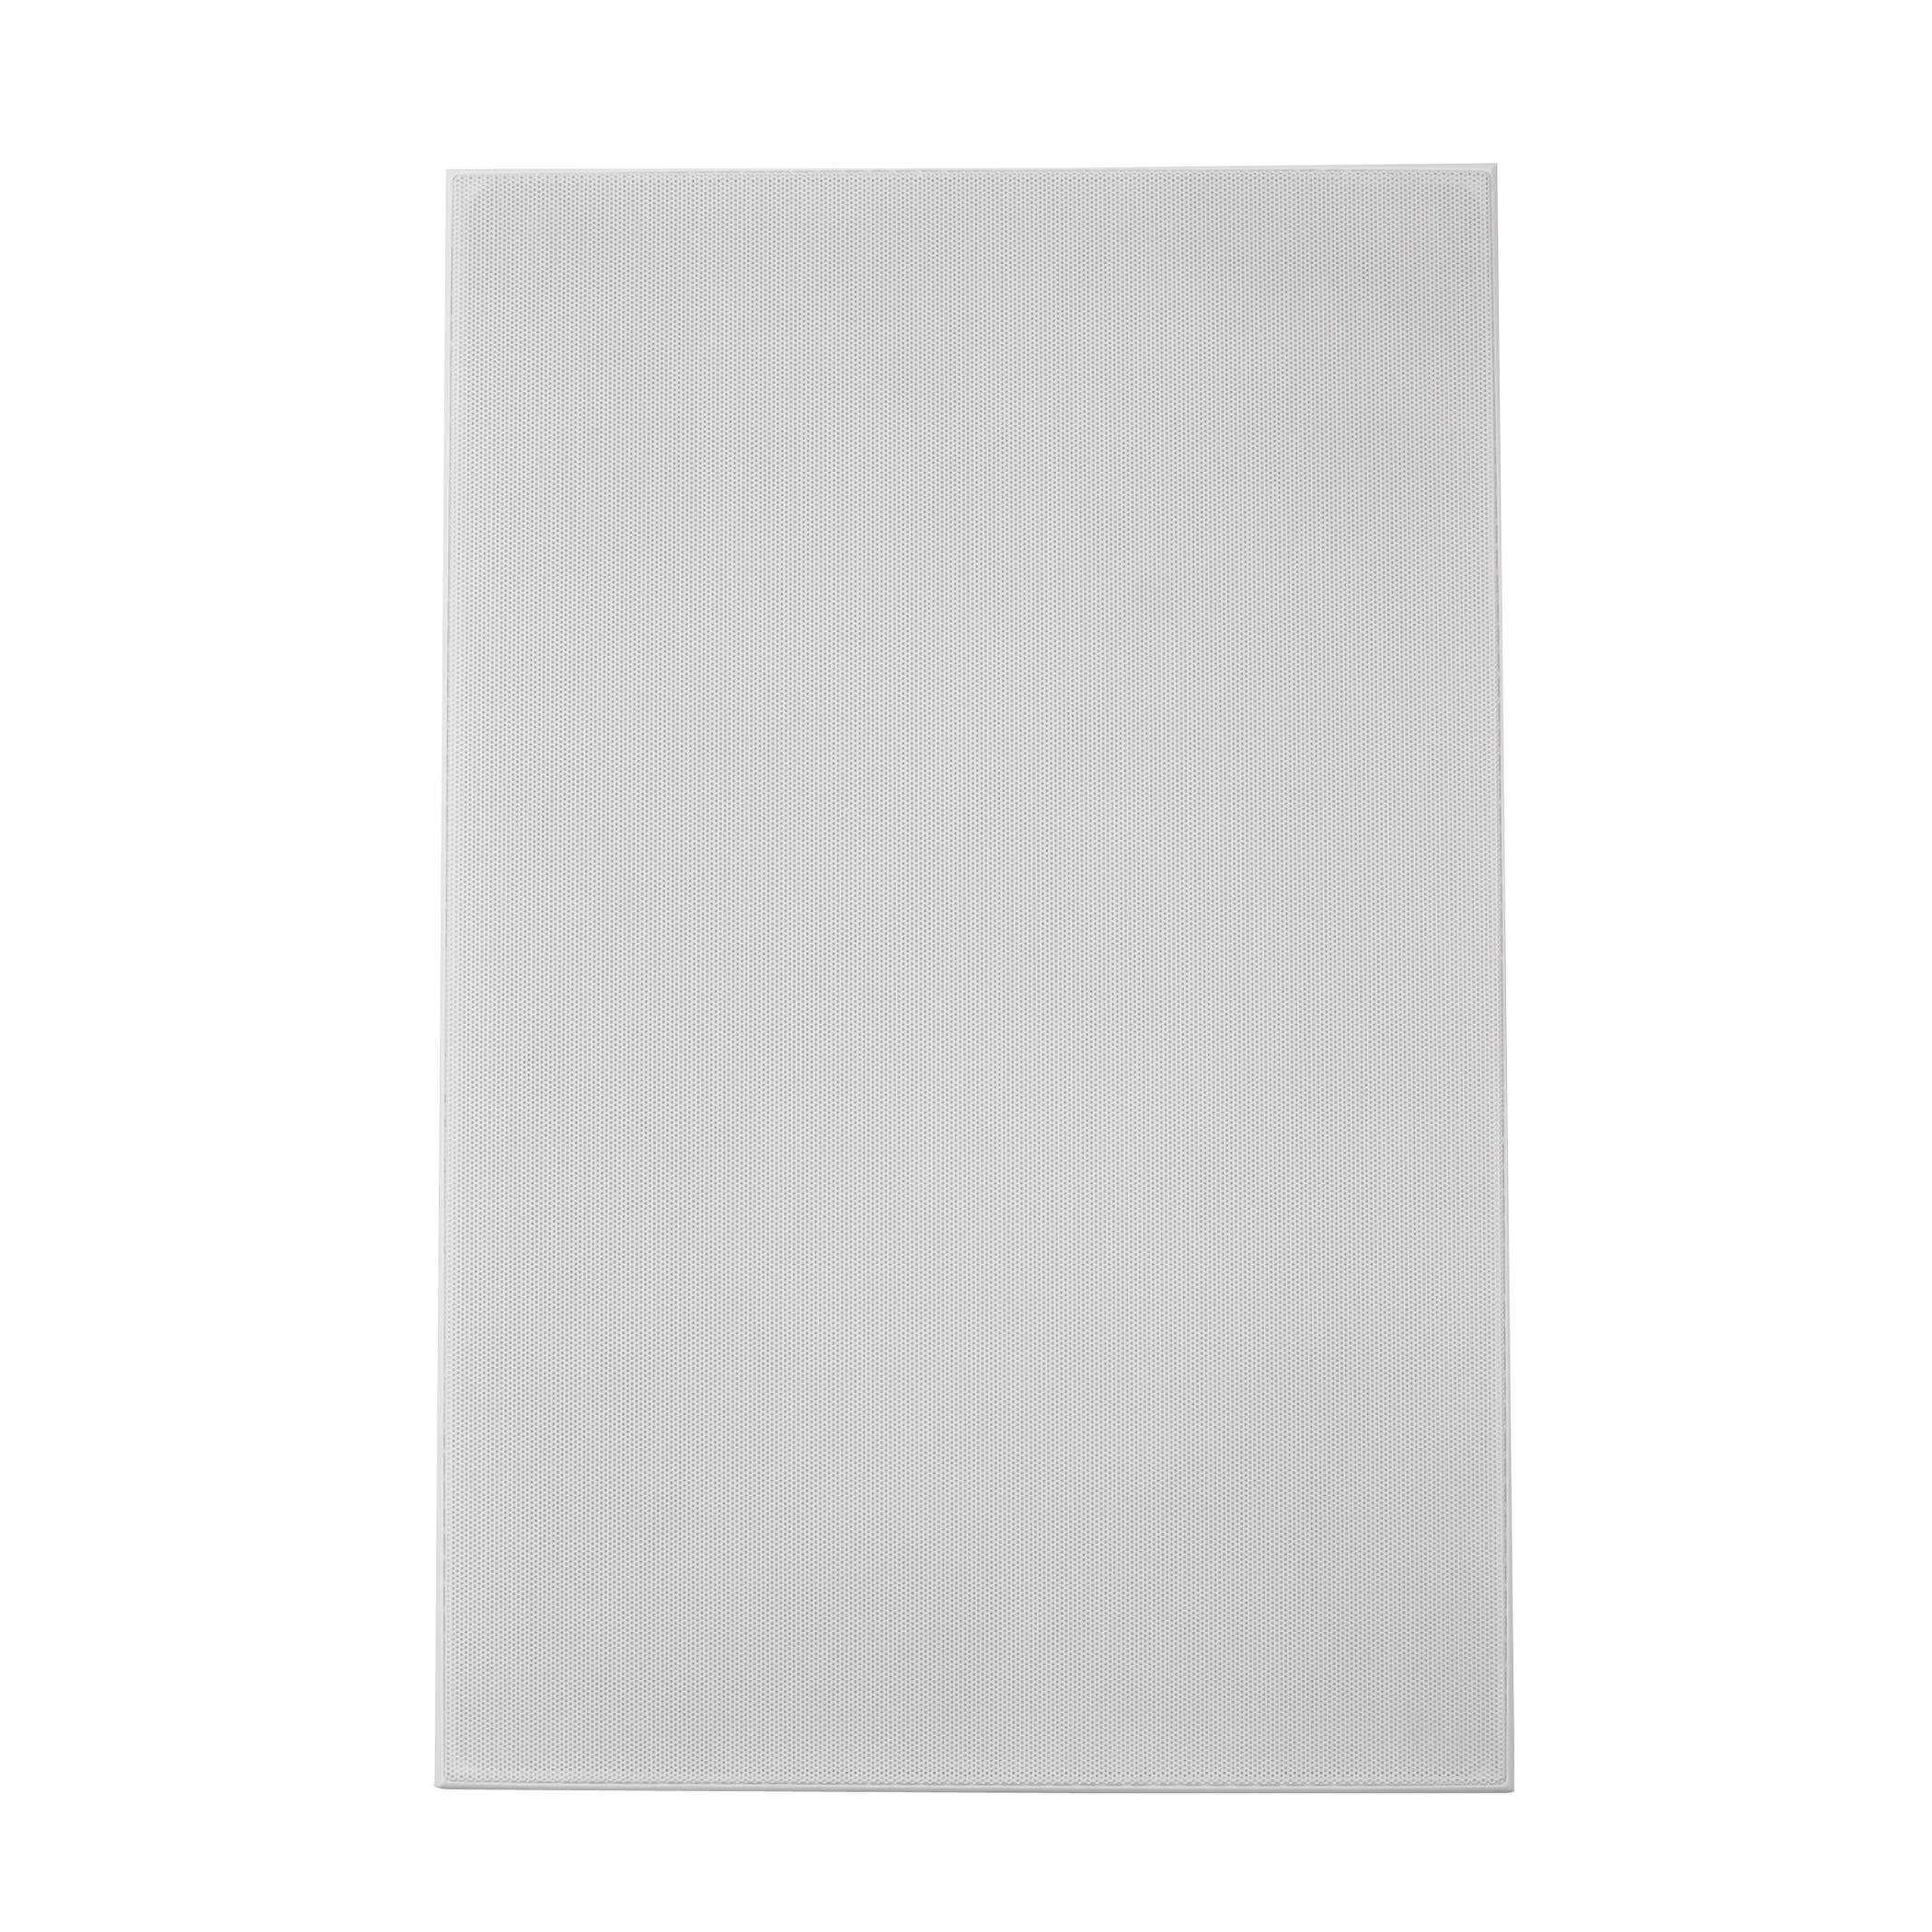 Klipsch R-5800-W II In-Wall Speaker - White (Each)